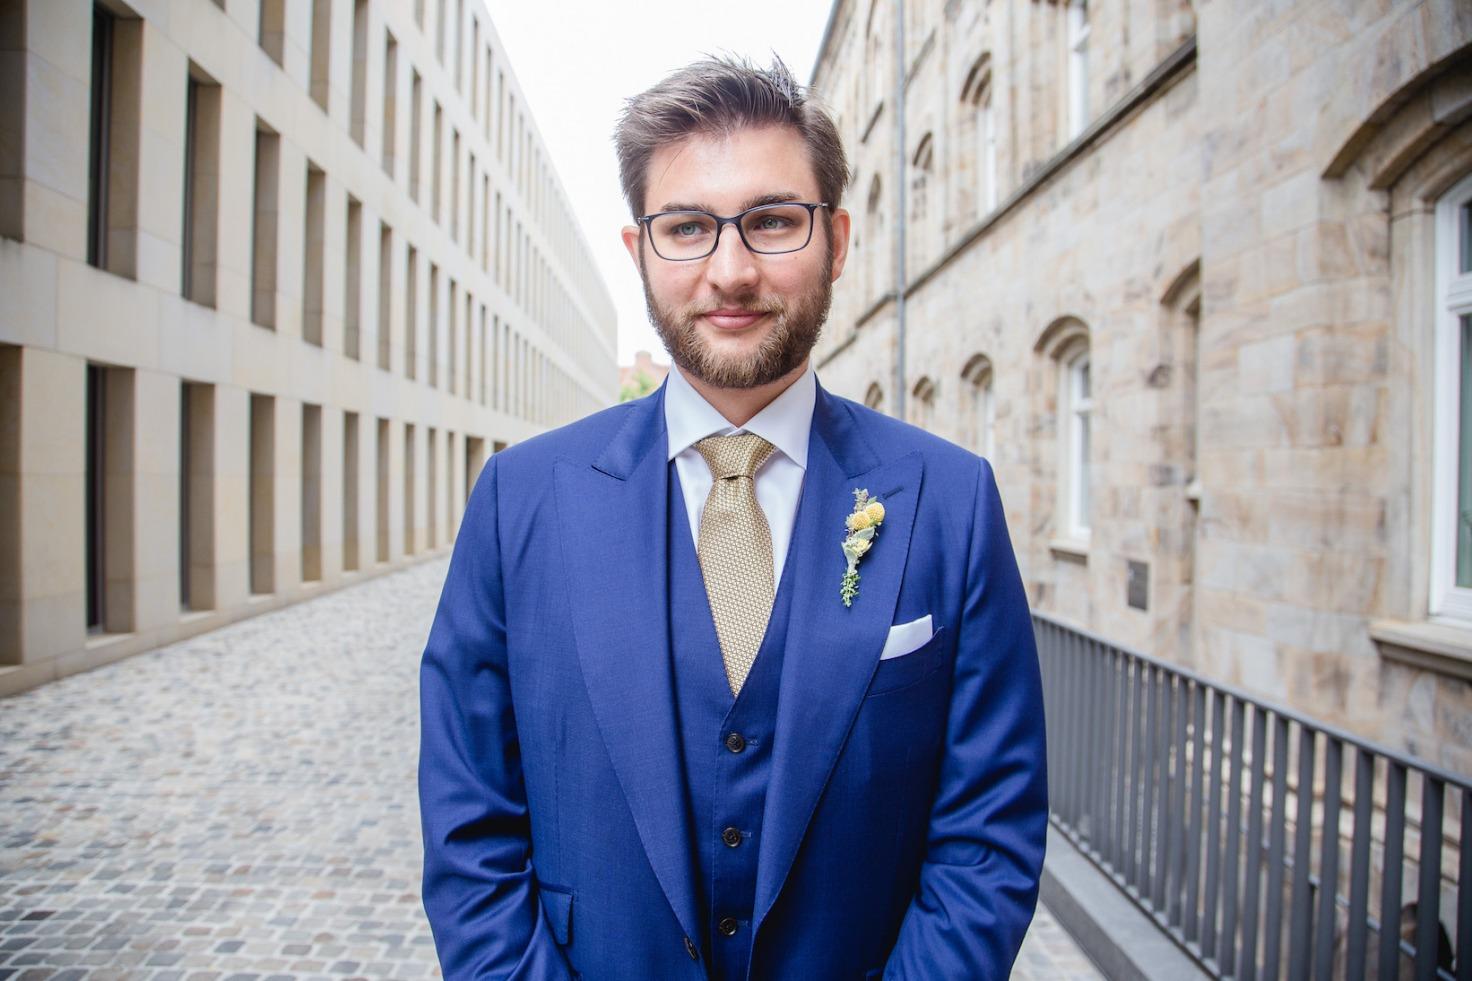 Hochzeit von Laura und Marco in Münster: Bräutigam der auf seine Braut wartet